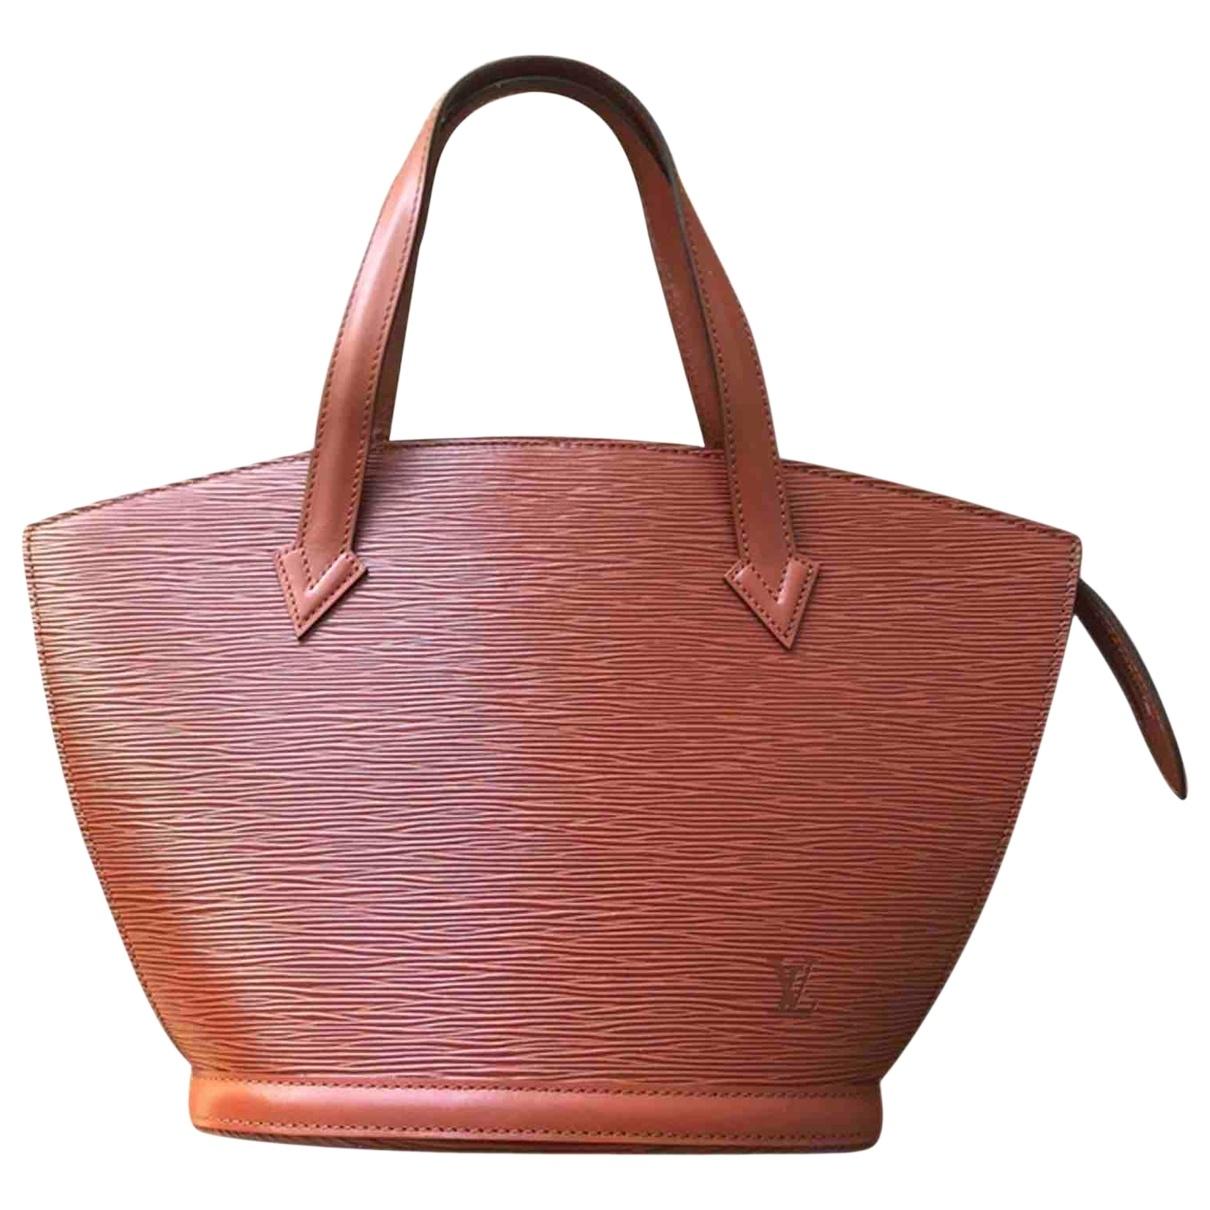 Louis Vuitton Saint Jacques Camel Leather handbag for Women \N